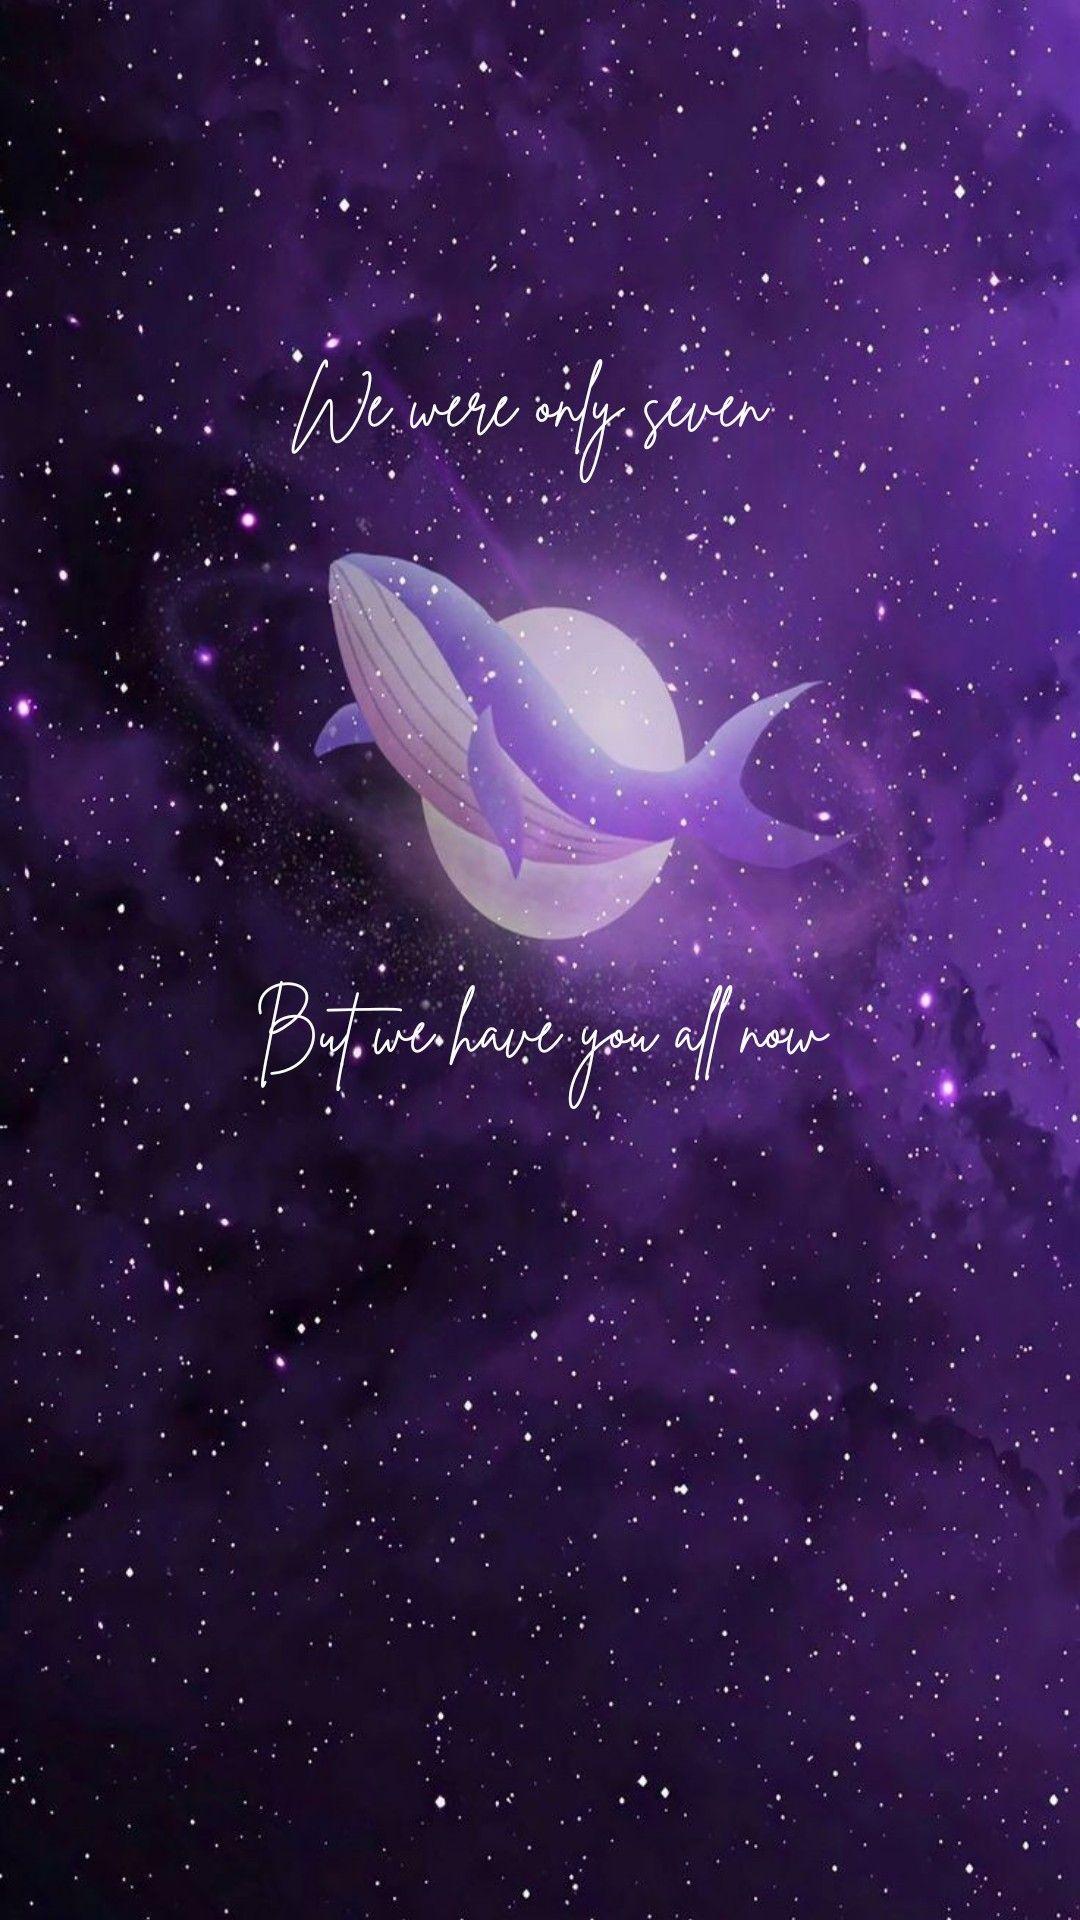 We Are Bulletproof The Eternal Bts Wallpaper Iphone Wallpaper Bts Bts Drawings Bts purple whale wallpaper